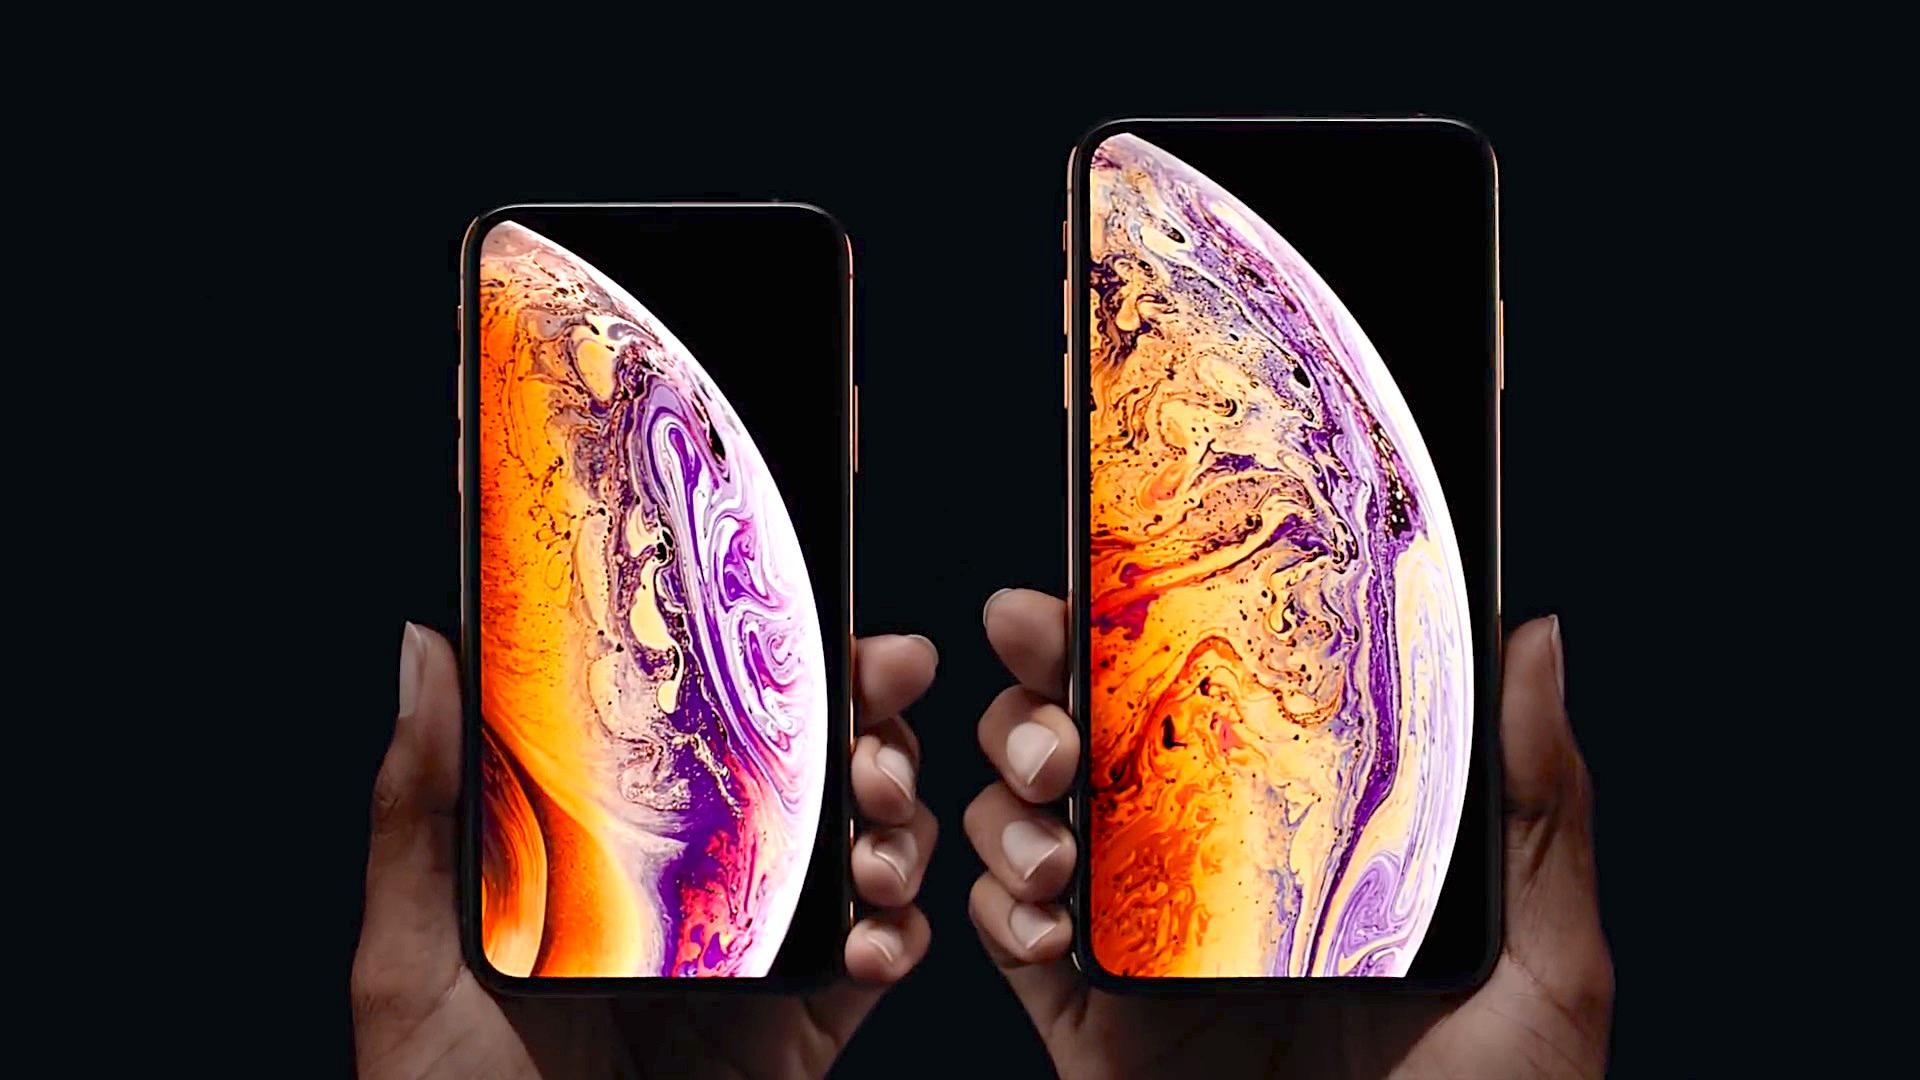 Les nouveautés des iPhone XS face à l'iPhone X dans un court clip signé Apple 1